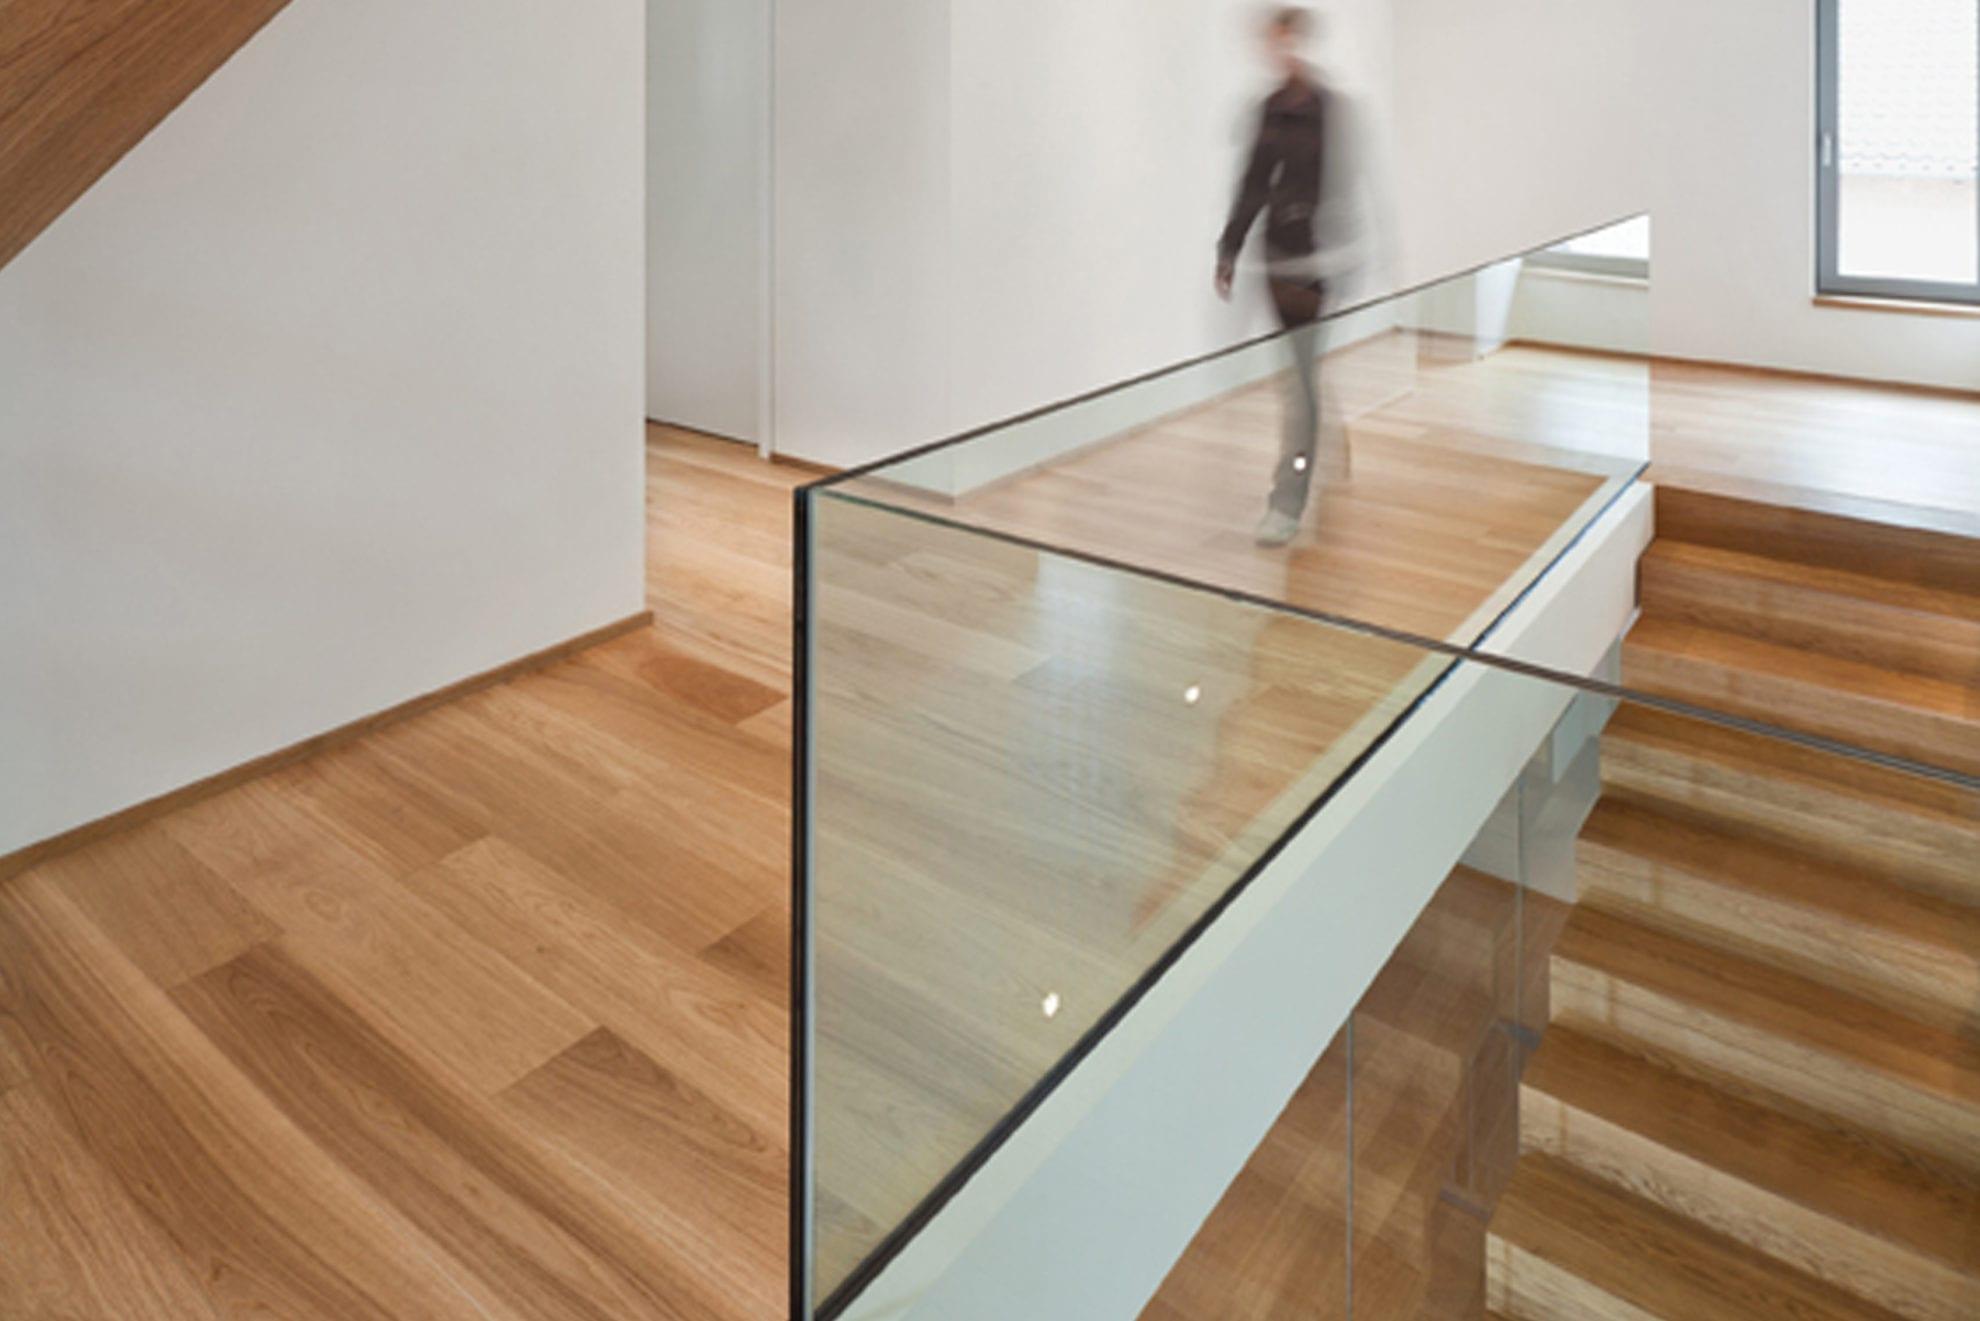 Escalier moderne bois - Parquet Böhm